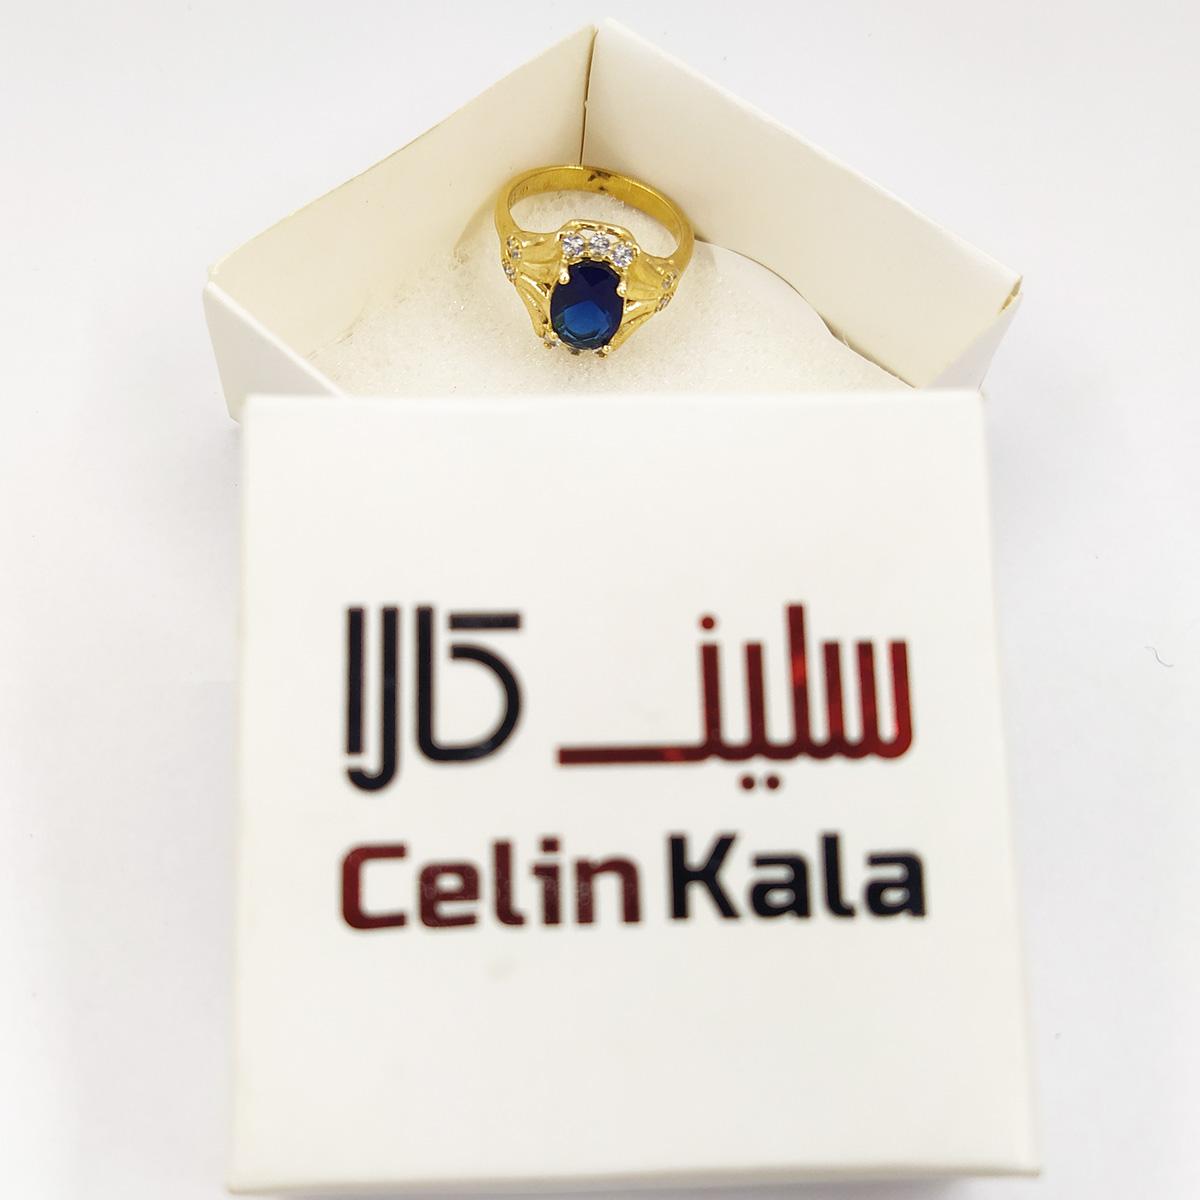 انگشتر زنانه سلین کالا مدل یاقوت کبود ce-As211